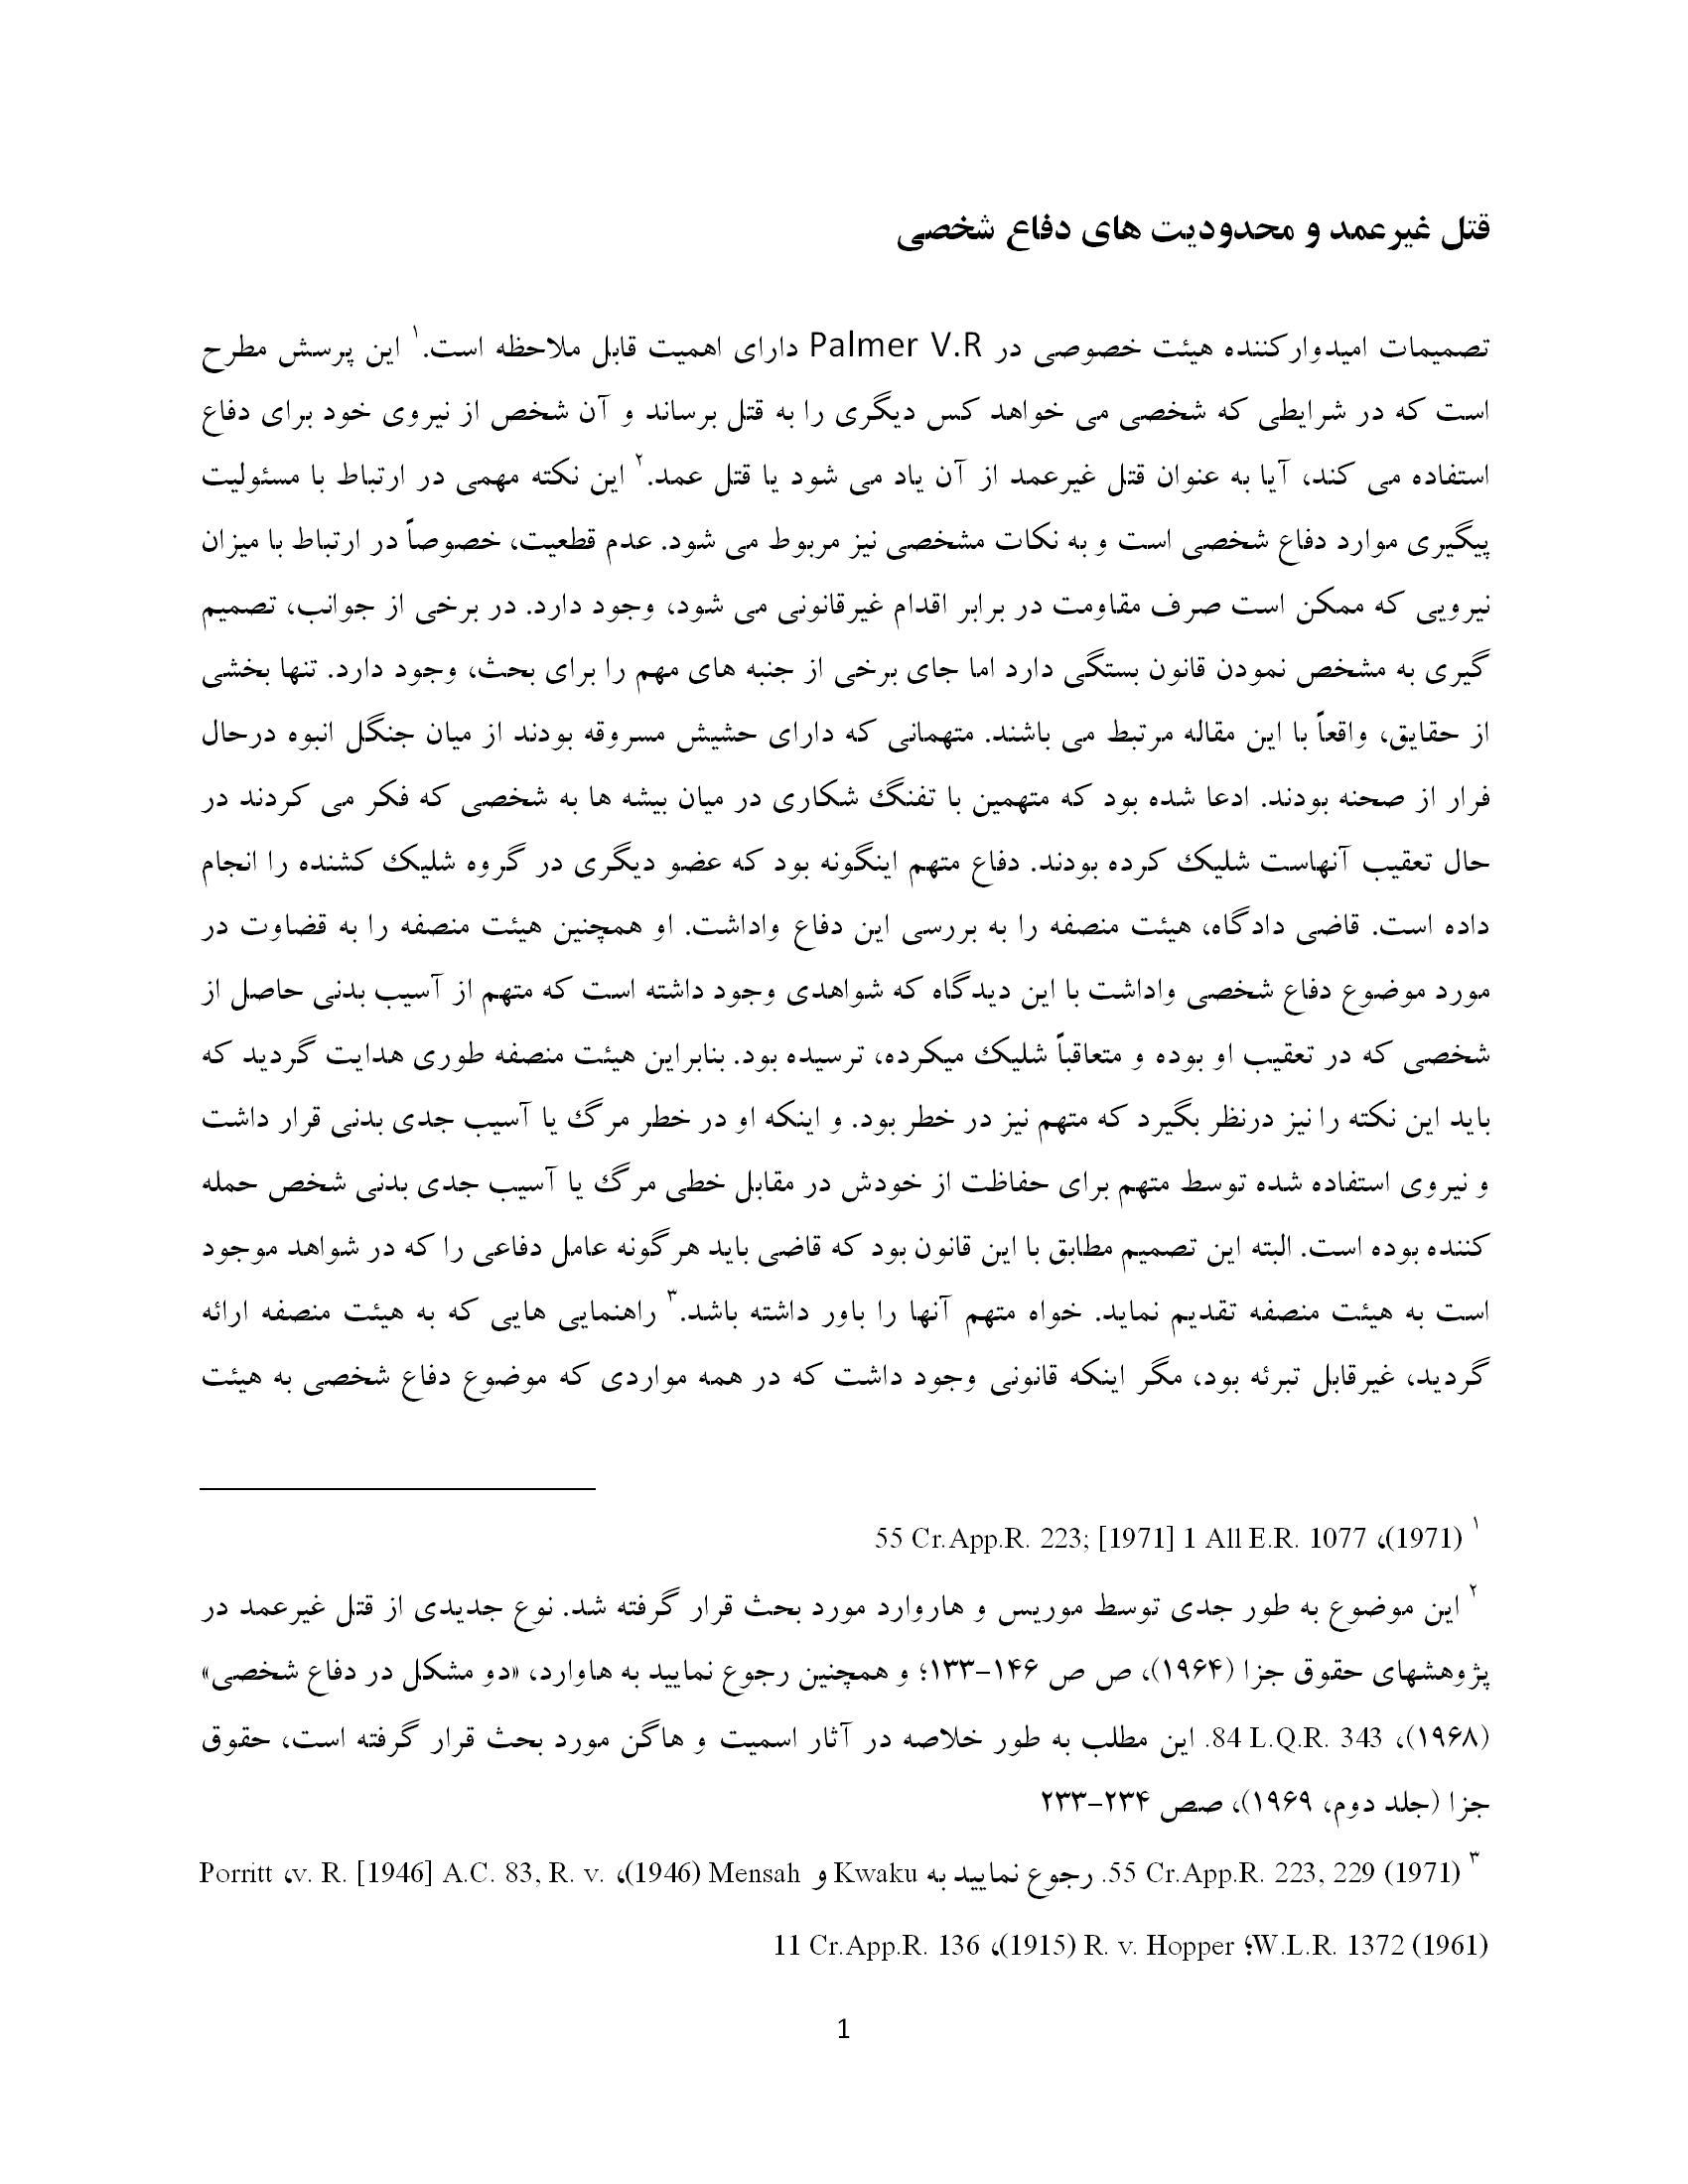 ترجمه مقاله و تحقیق - قتل غیرعمد و محدودیت های دفاع شخصی 9